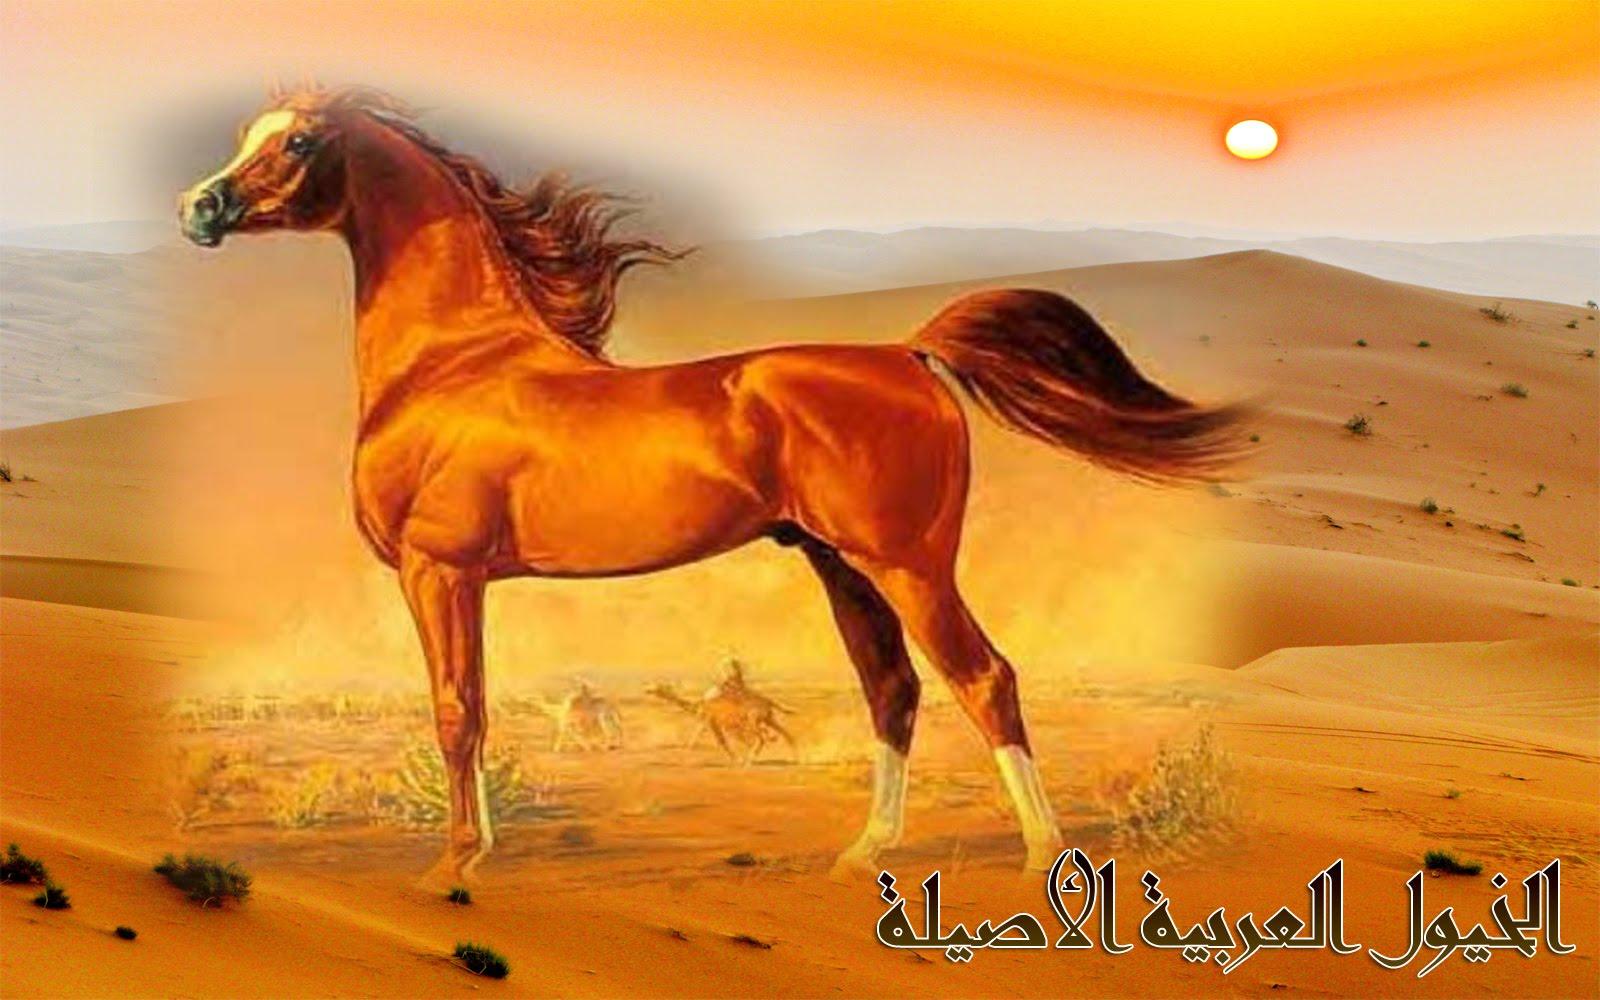 صورة خيول عربية , اصالة الخيول العربية العريقة